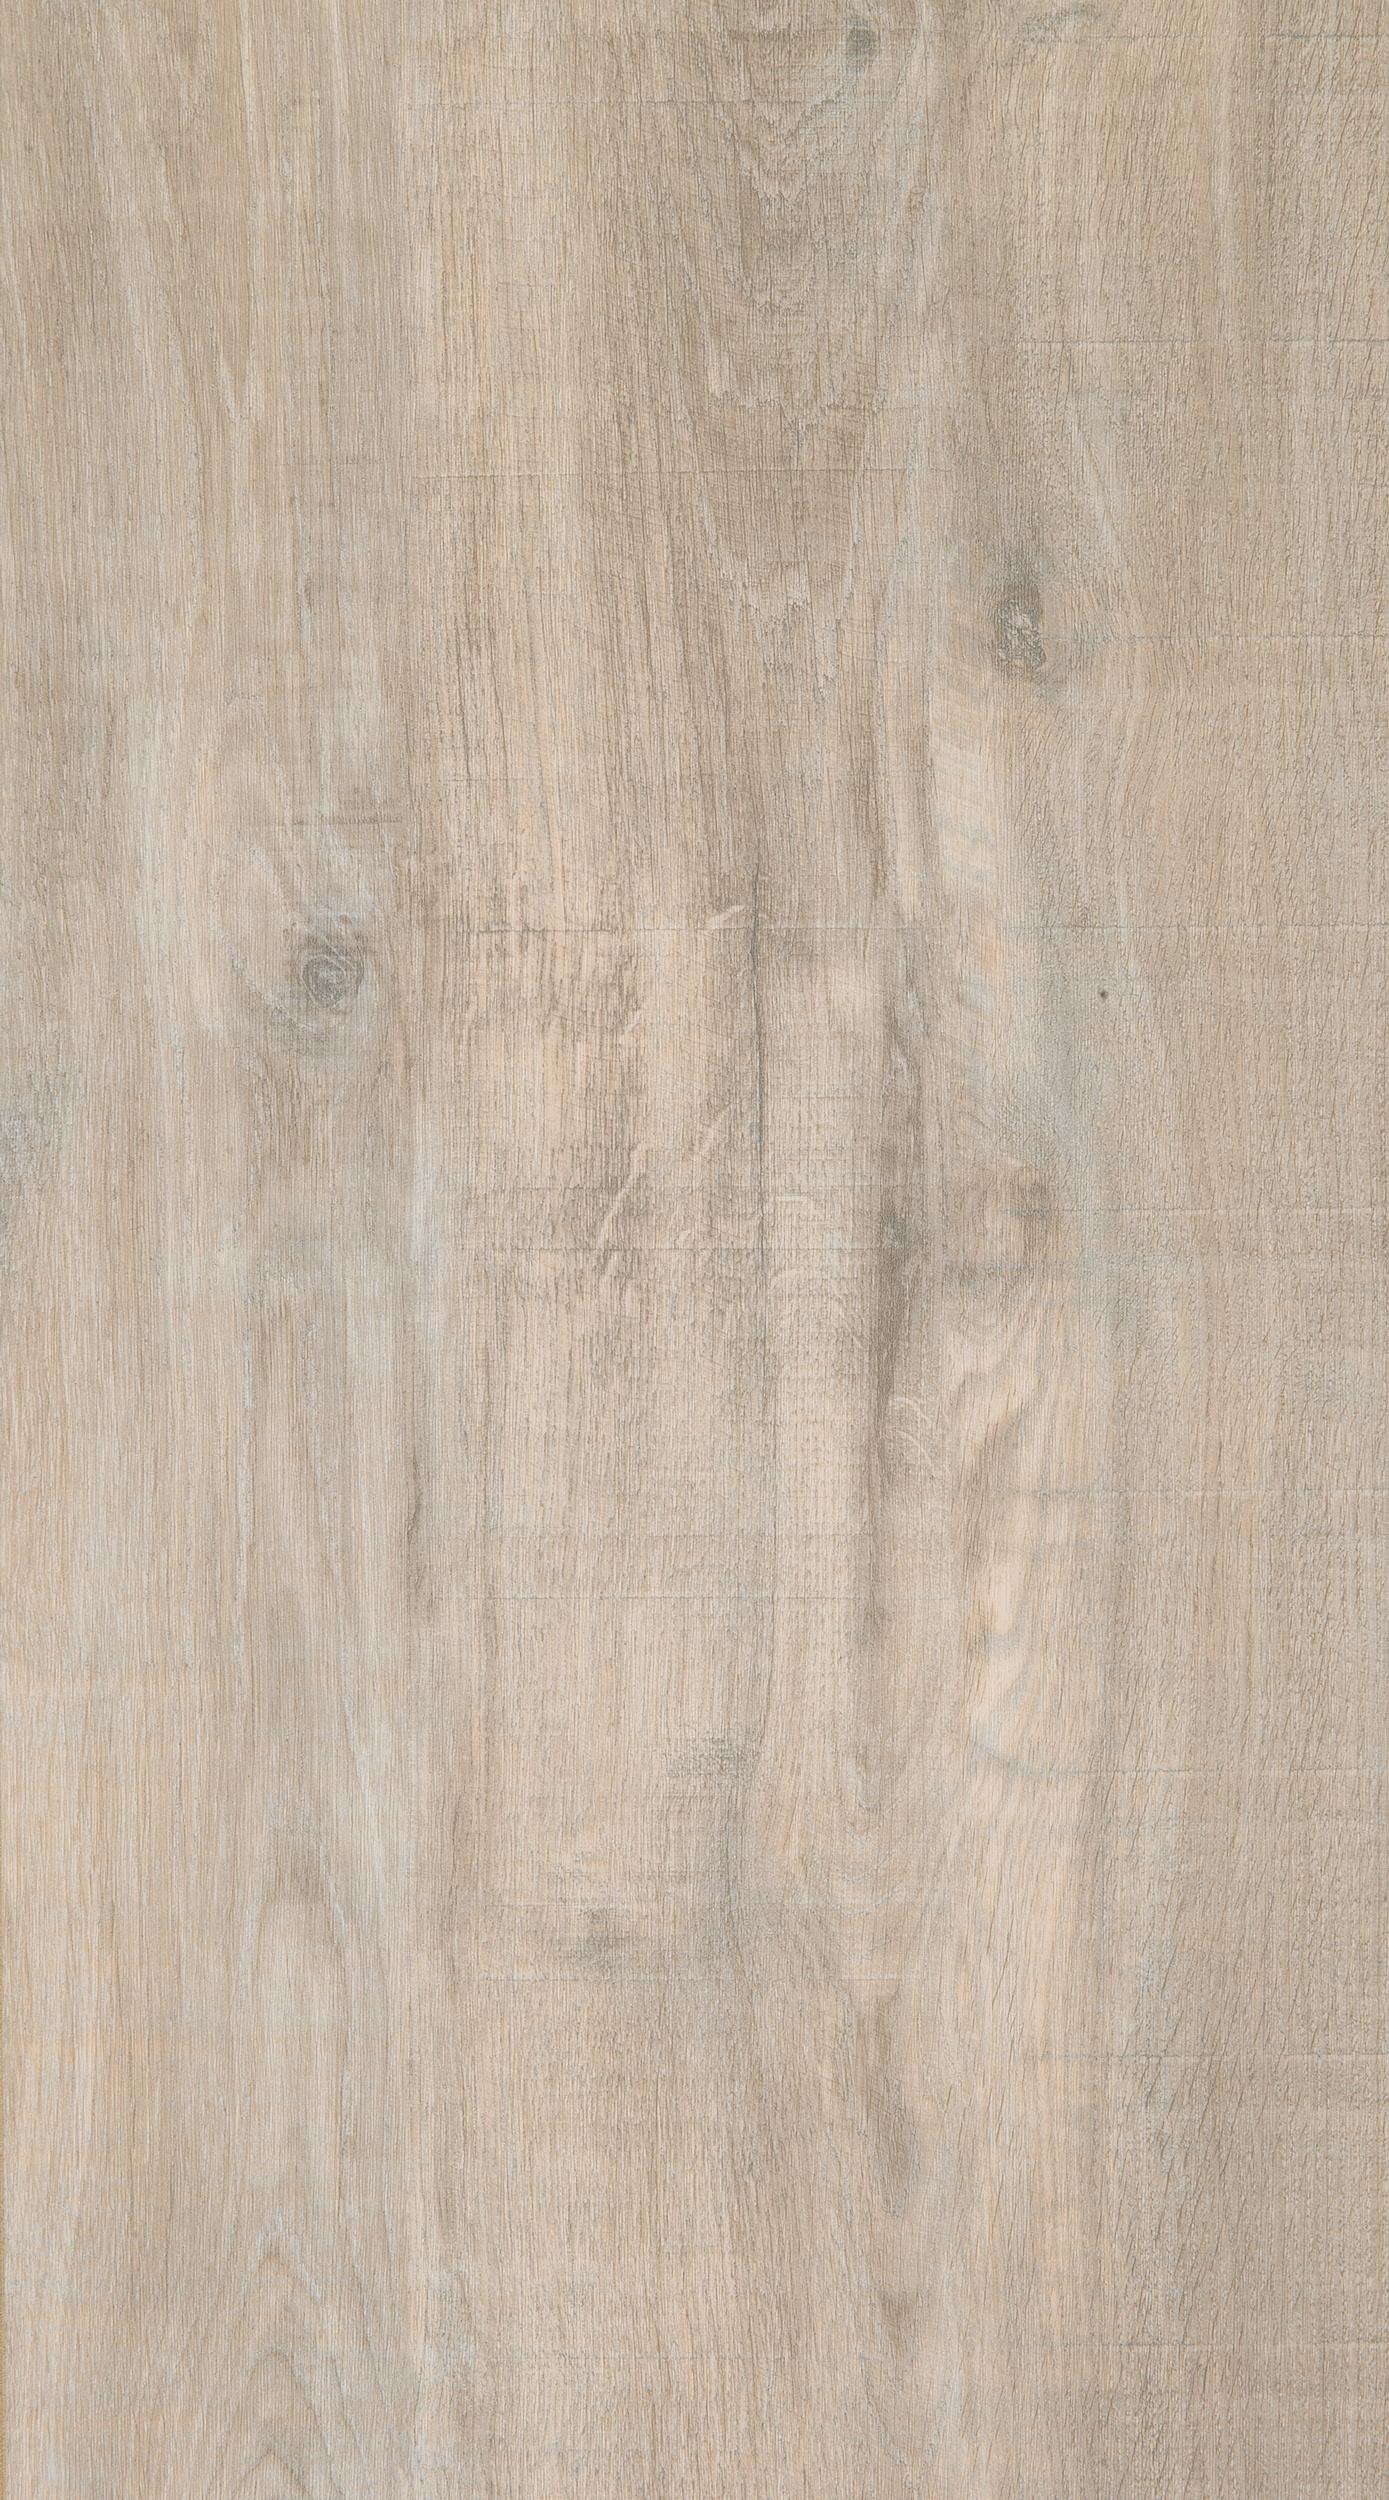 Qualycork-clic-Vinyl-eik-zandkleur-055-detail.jpg